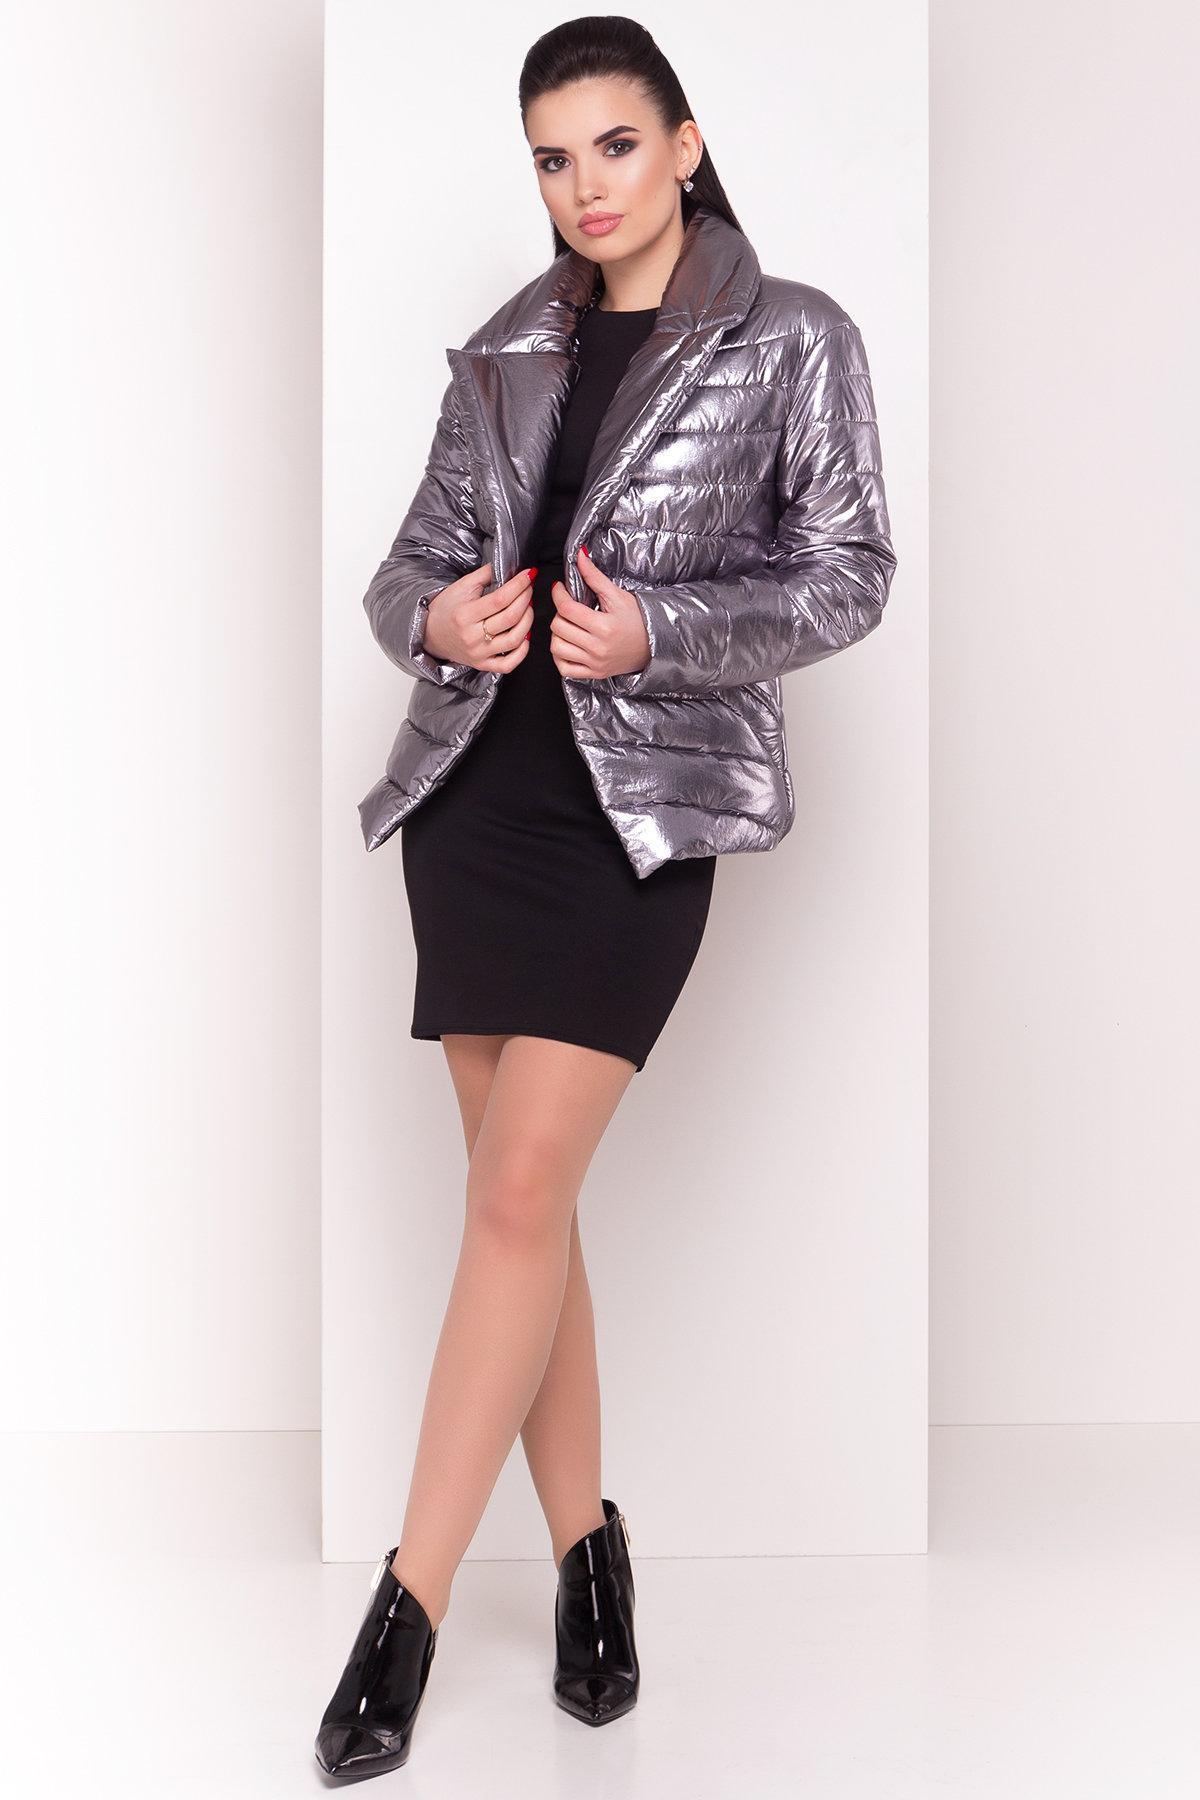 Куртка горизонтальная стежка Мириам  4562 Цвет: Блек никель